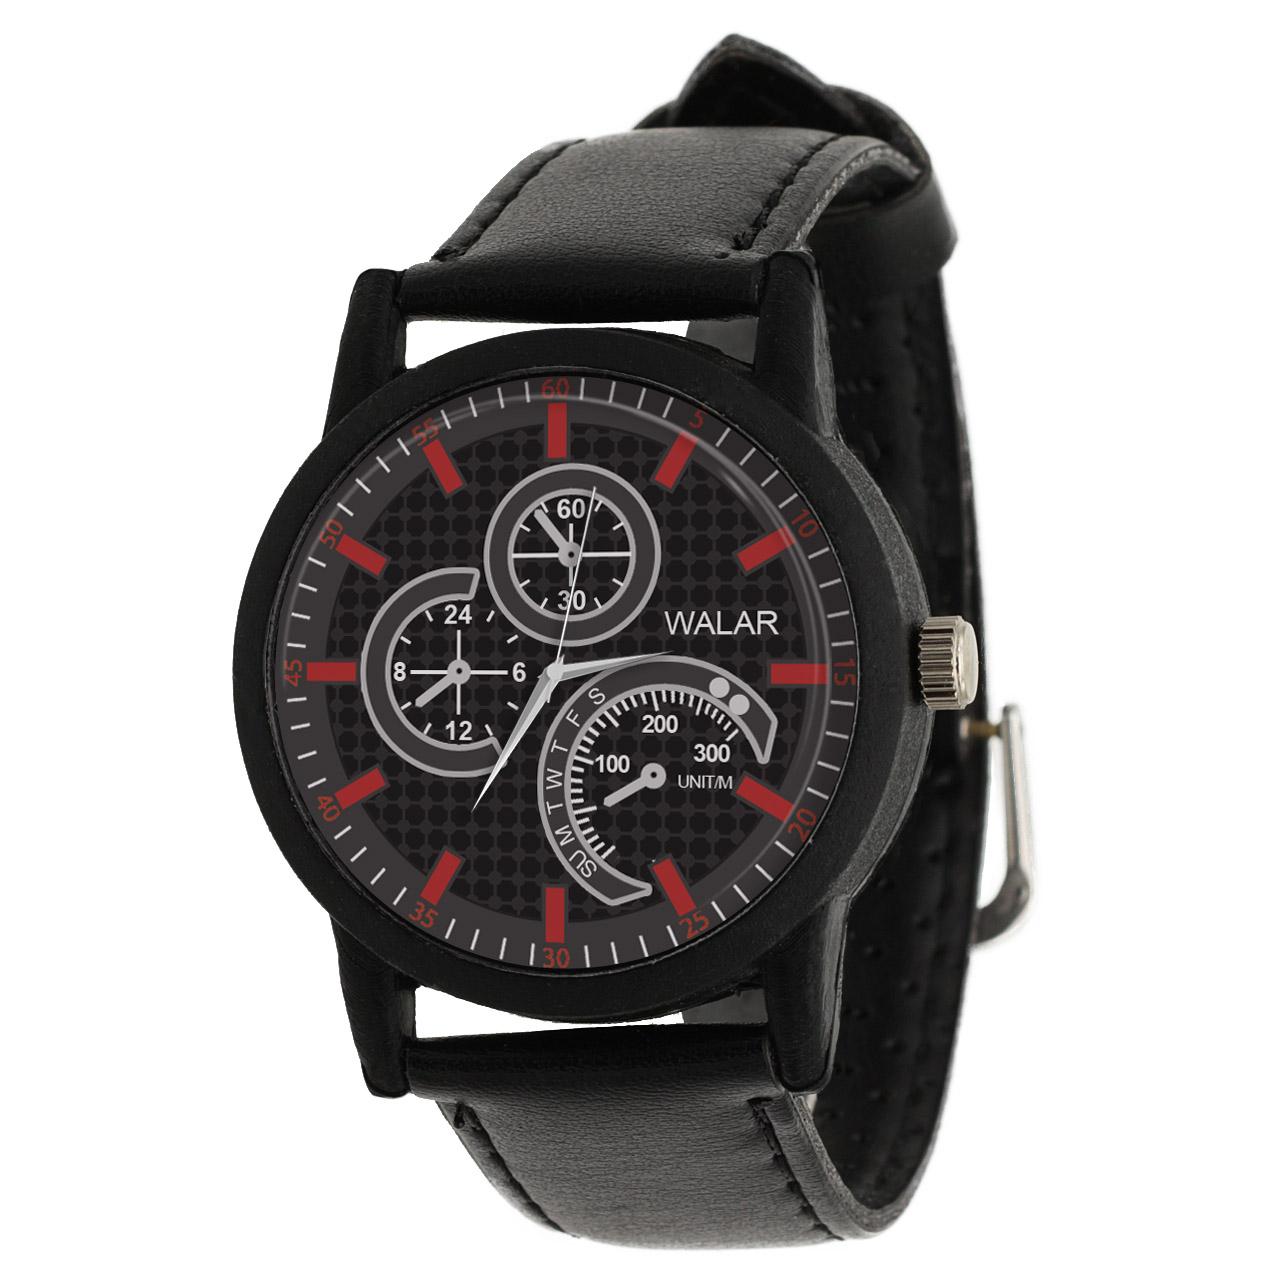 ساعت مچی عقربه ای والار کد LF2893              خرید (⭐️⭐️⭐️)